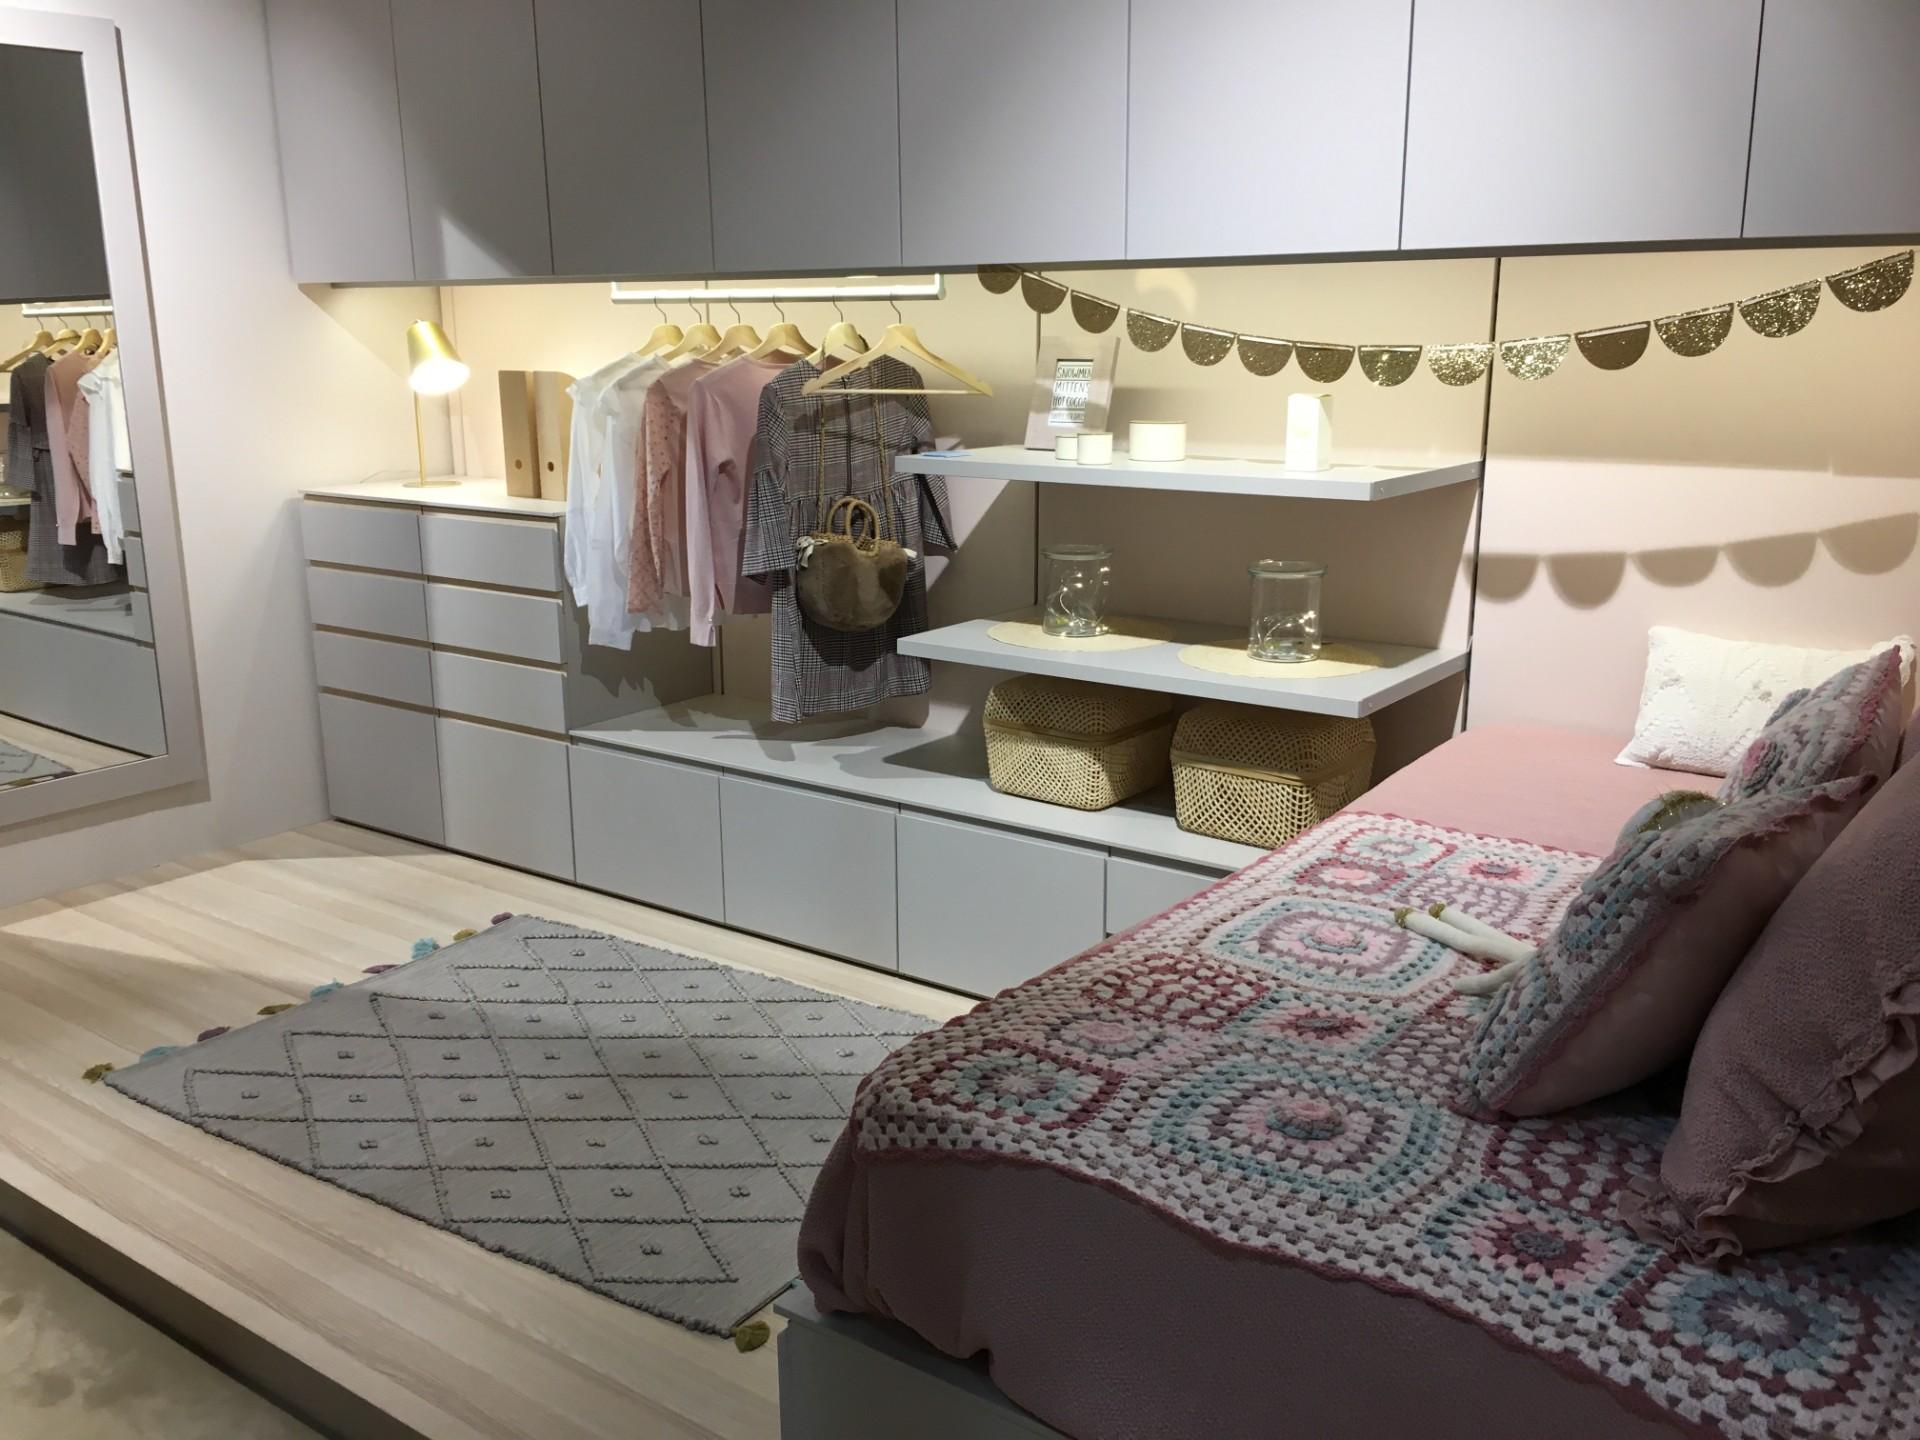 feria-habitat-valencia-2018-interiorismo-interiores-mobiliario-muebles-12